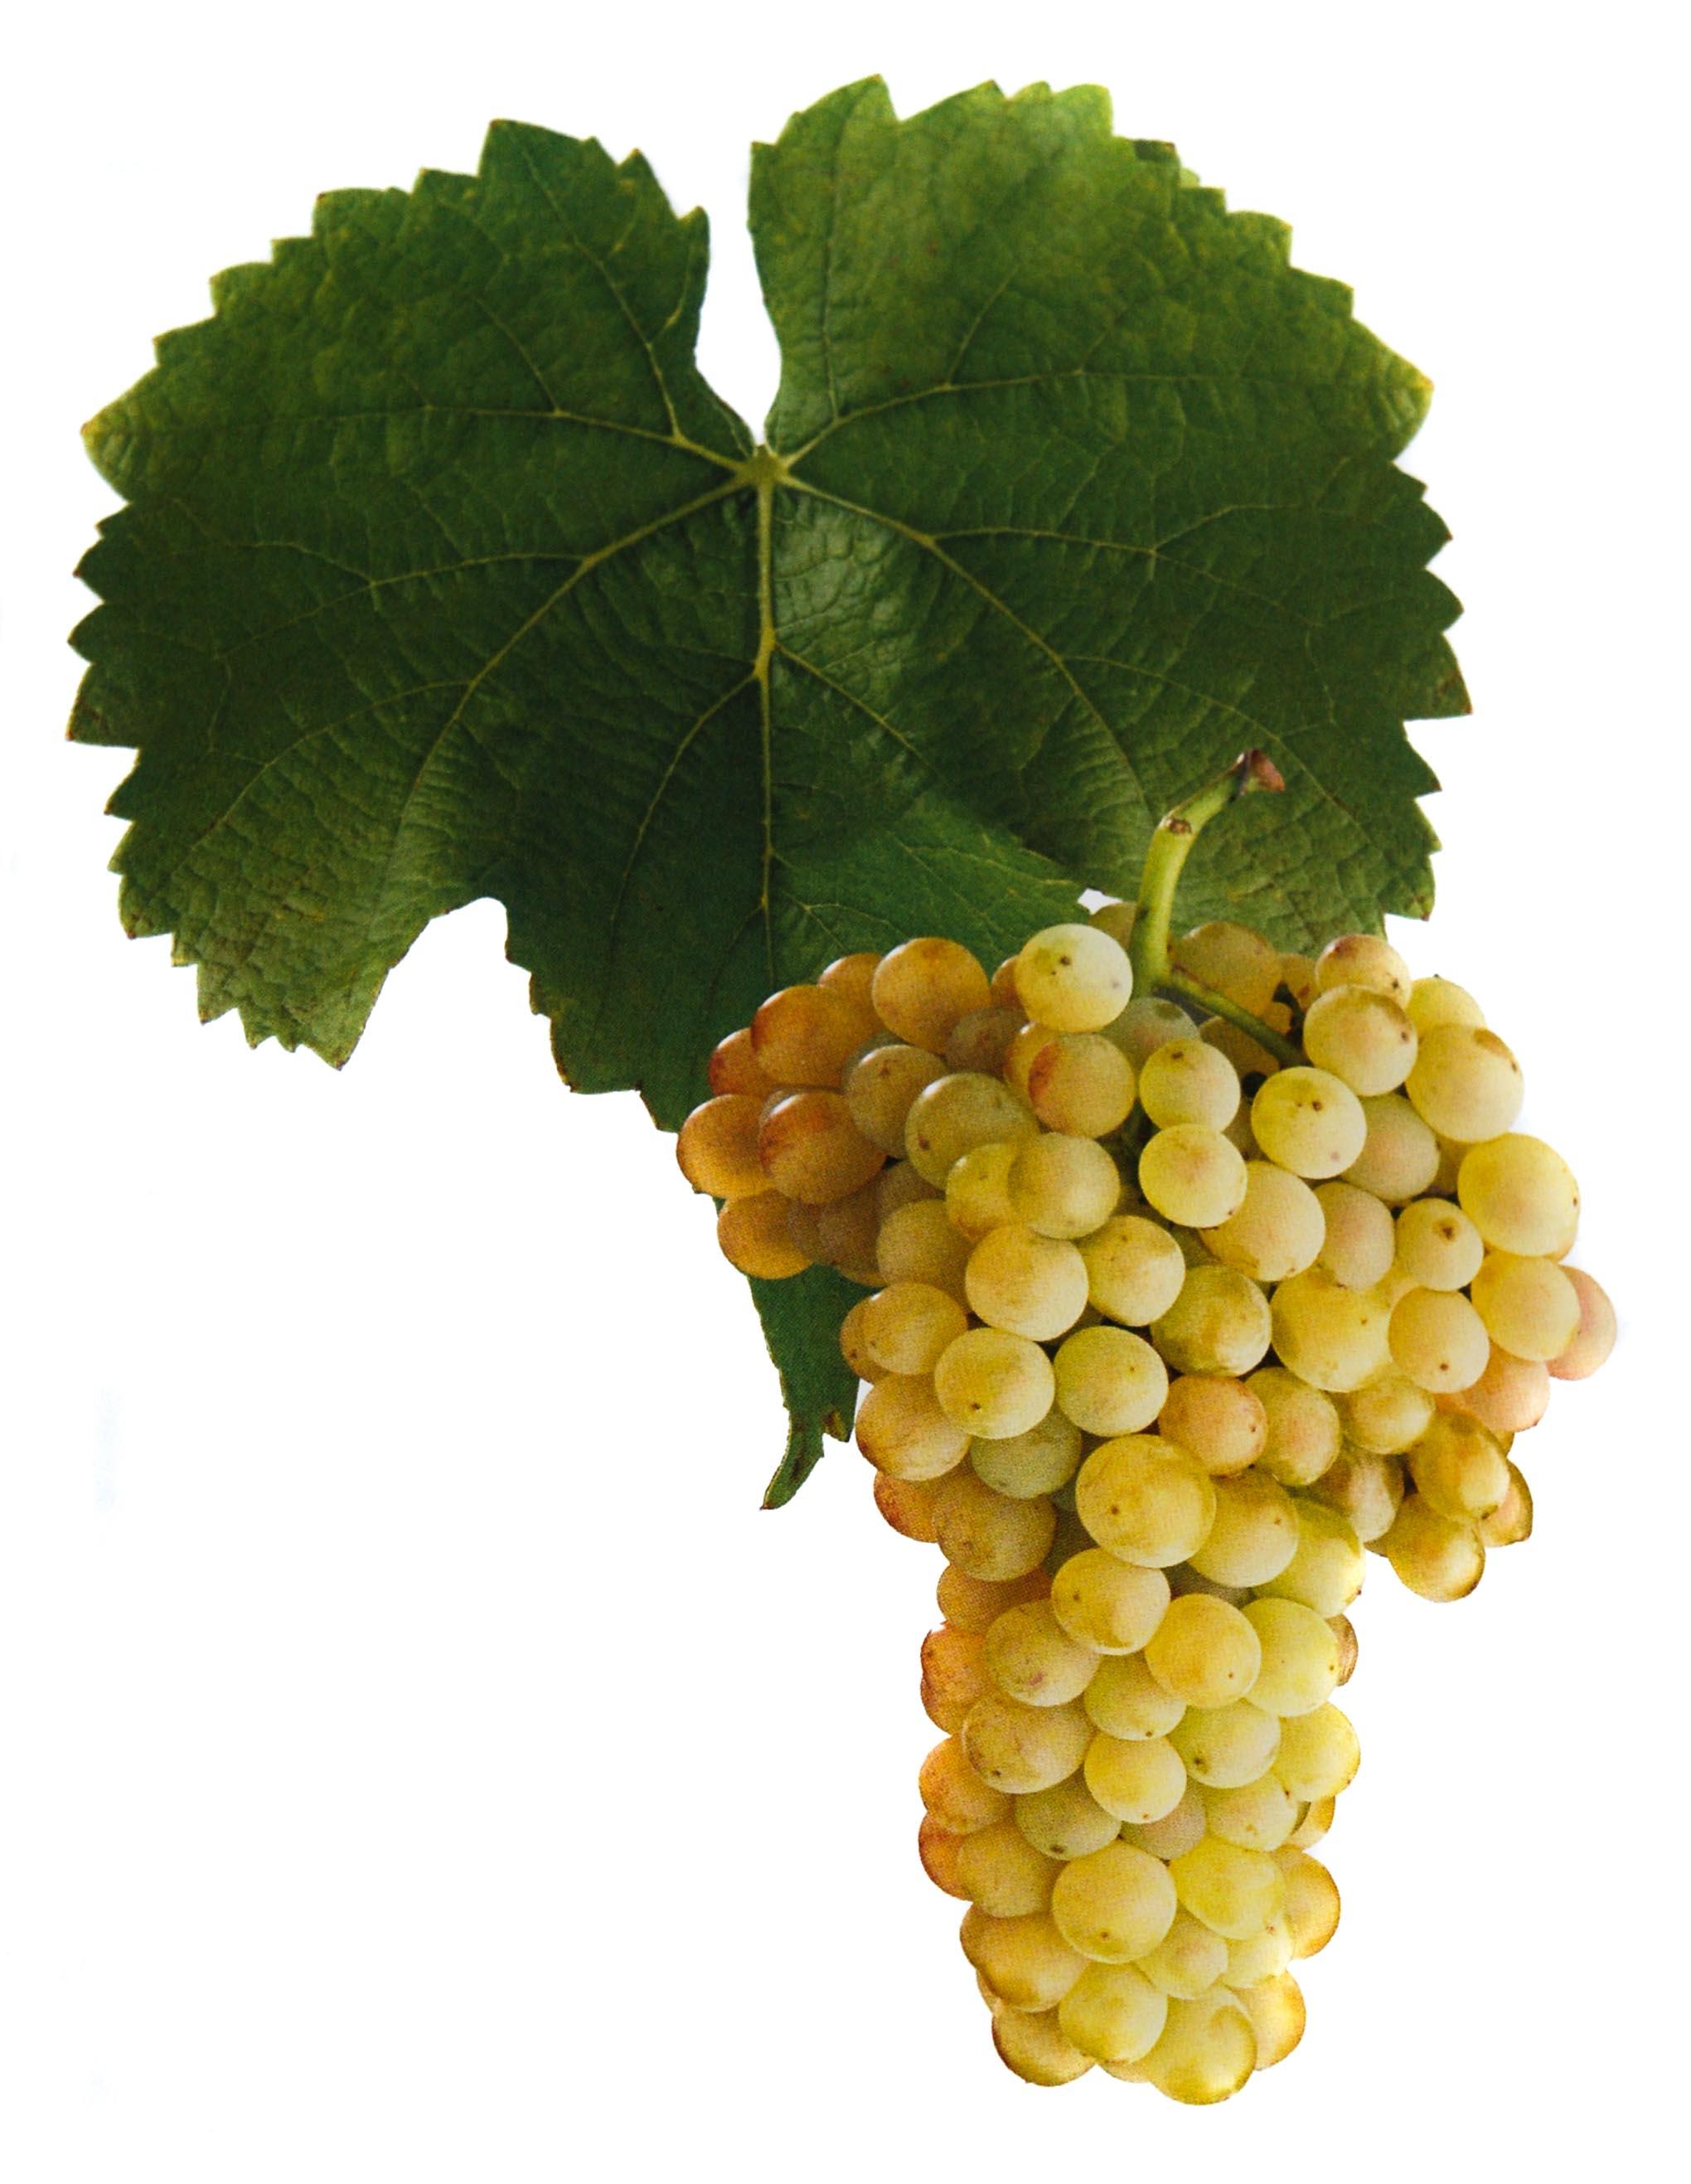 Rulandské bílé víno hrozen a list